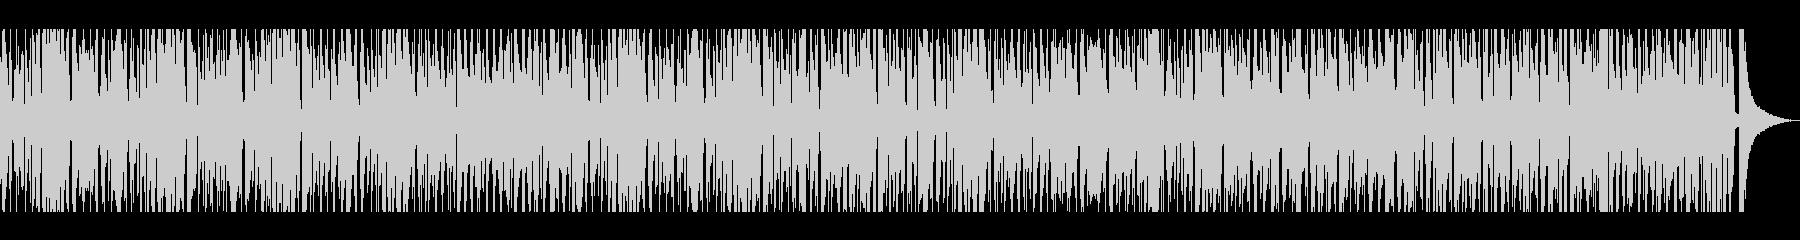 おしゃれなピアノでさっぱりボサノバ風の未再生の波形